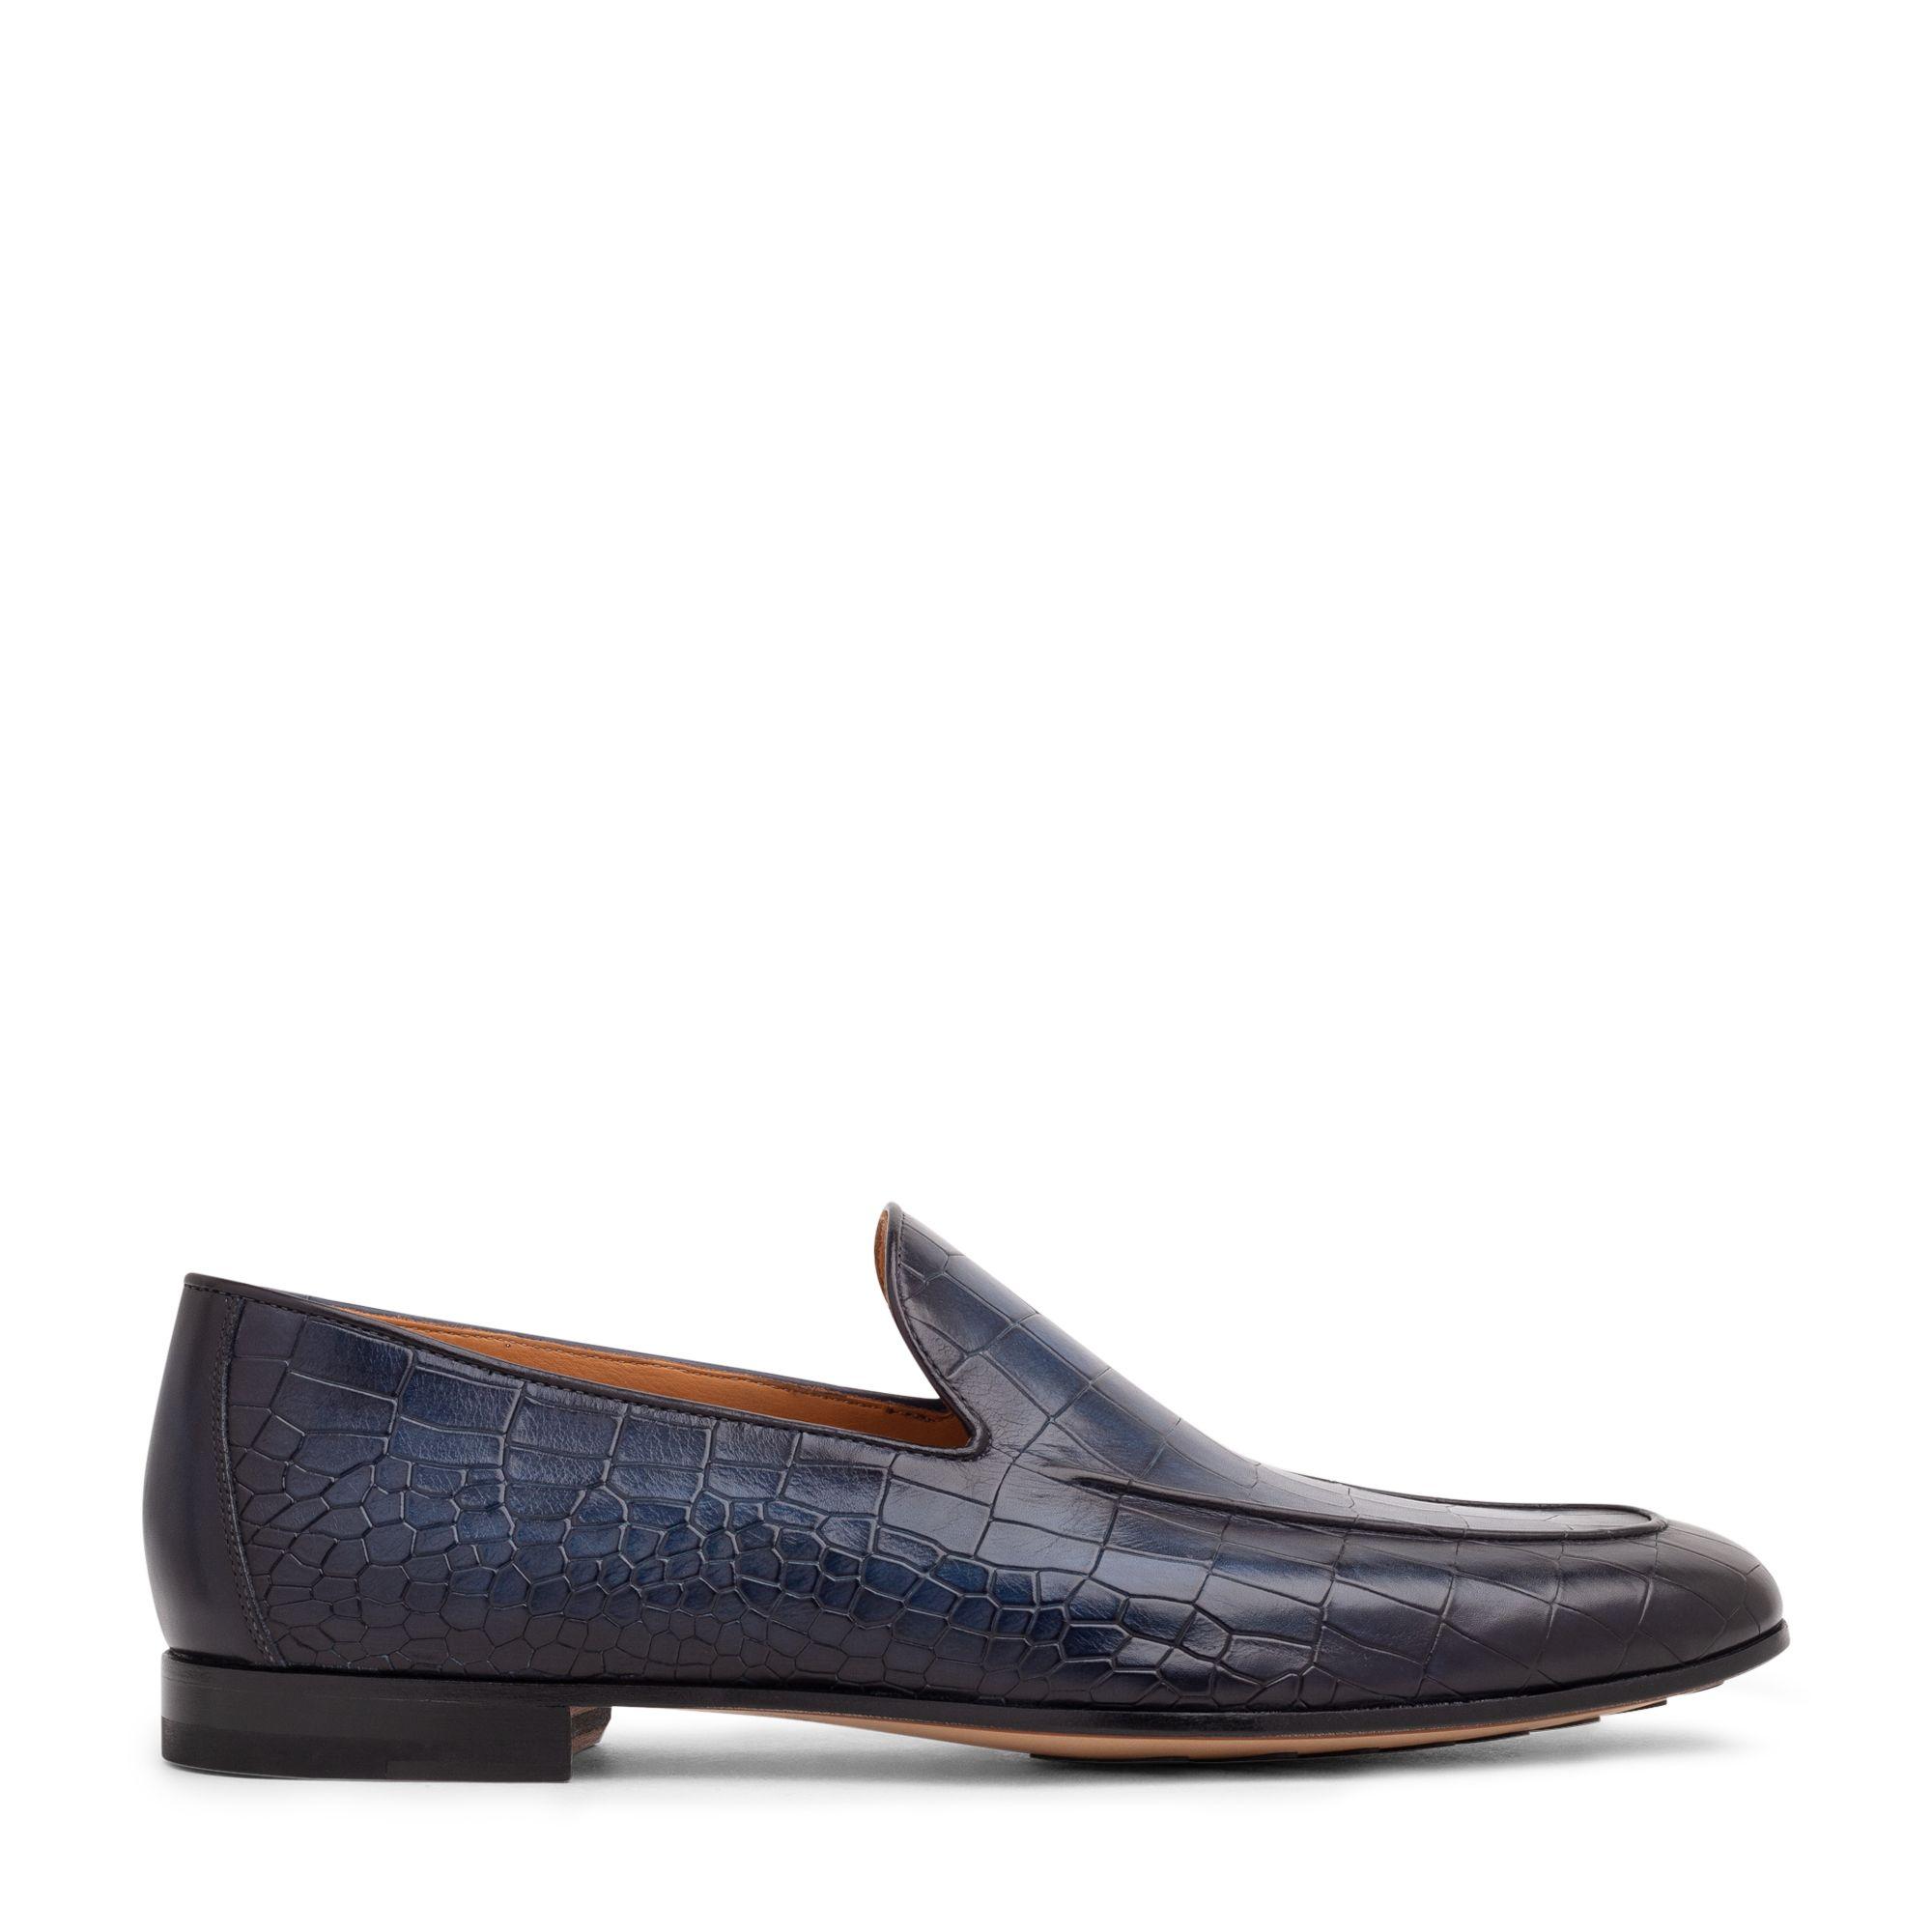 حذاء مسطح دون أربطة من الجلد المنقوش